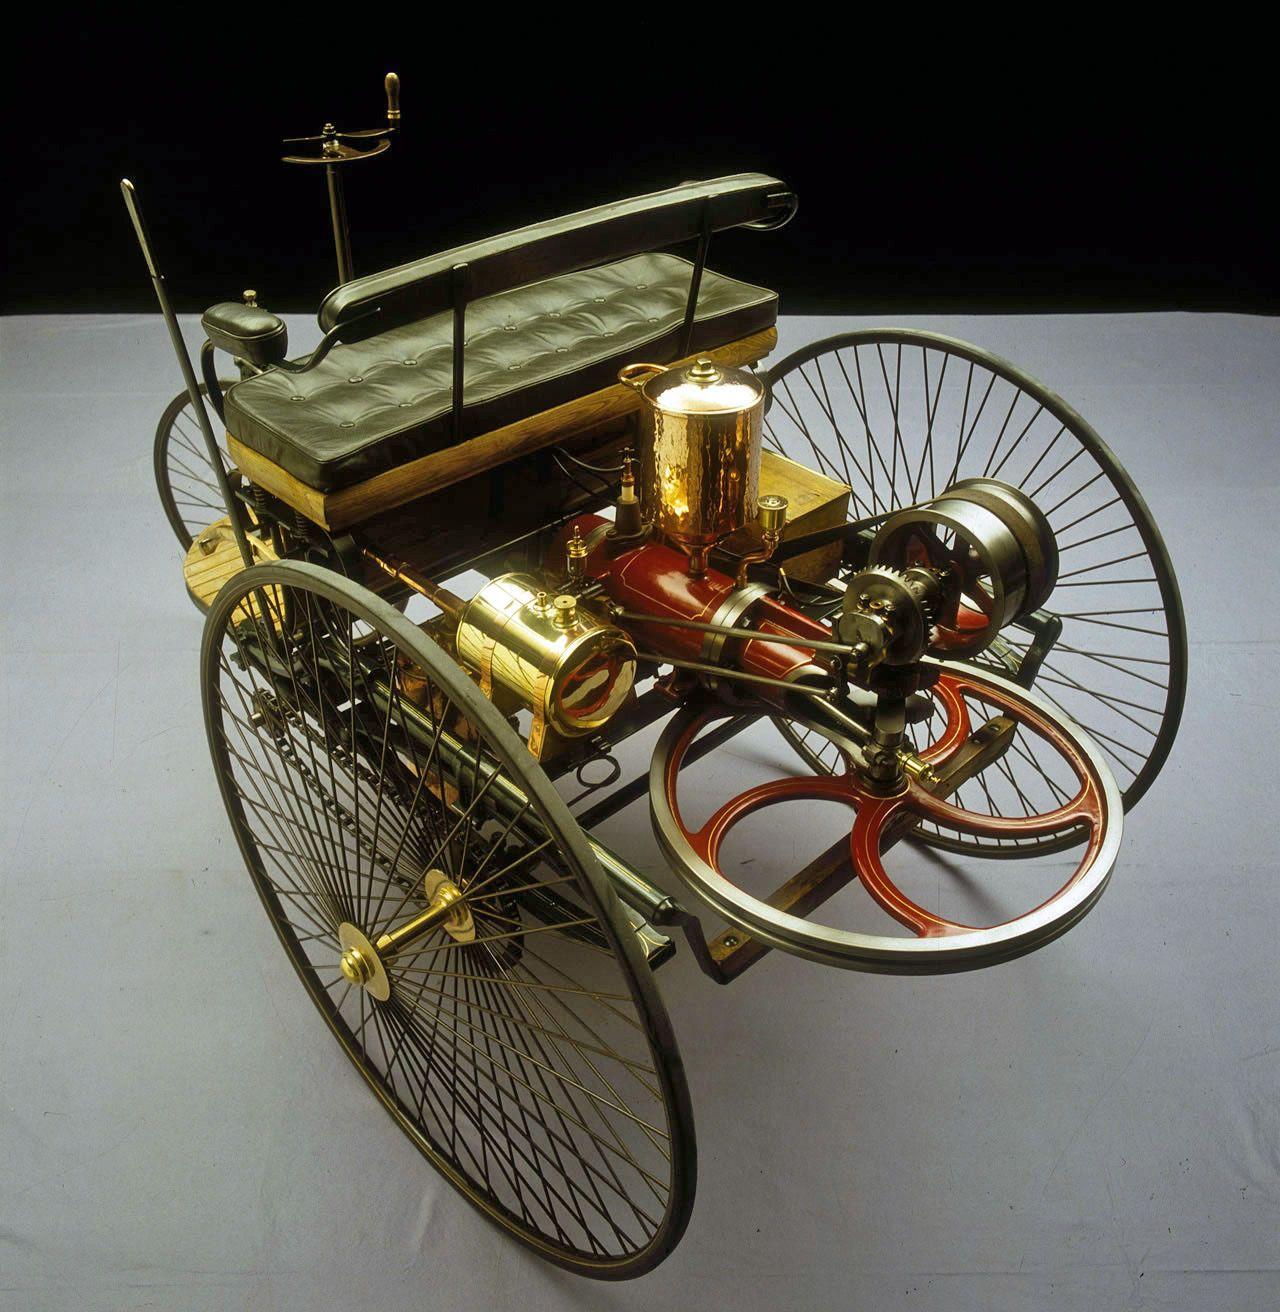 1885 Benz Patent Motorwagen ===> https://de.pinterest.com/gdaven ...